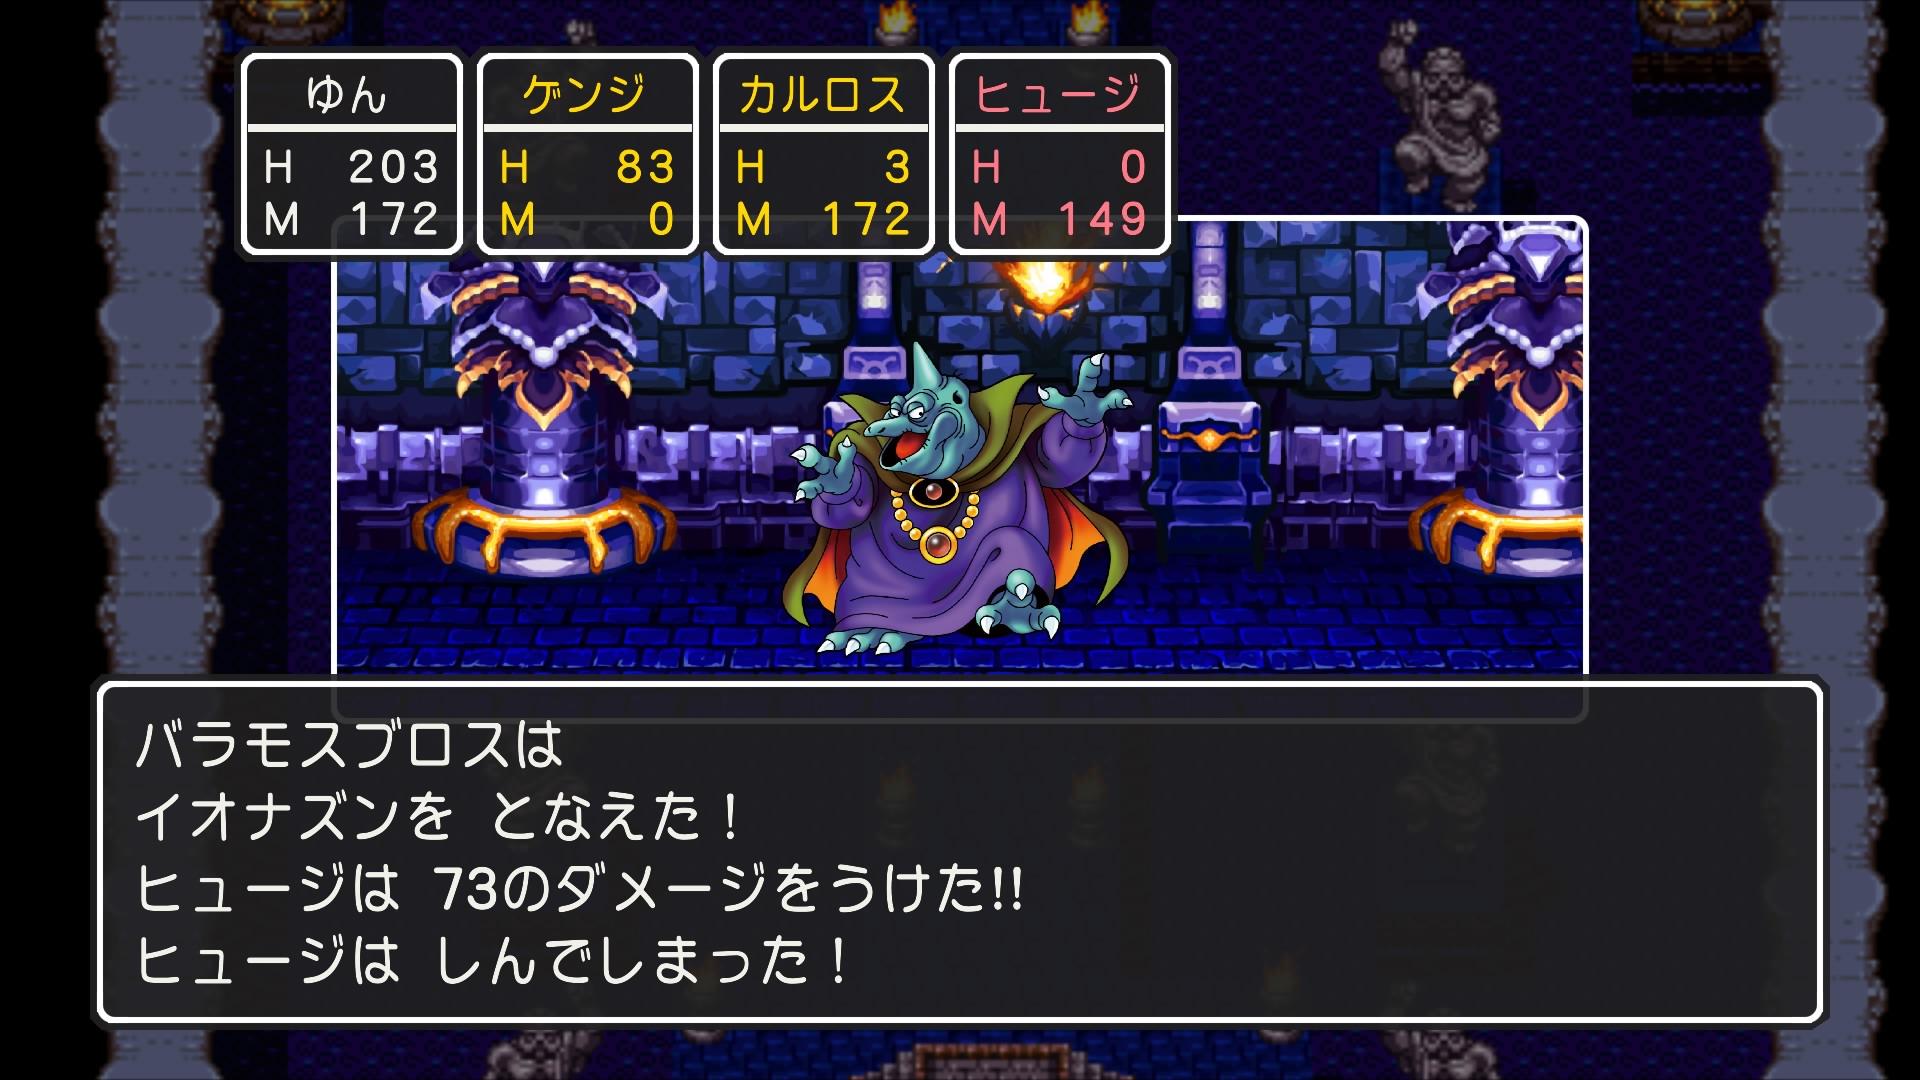 レベル上げ ドラクエ3 【ドラクエ3】カザーブ〜シャンパーニの塔の攻略チャート